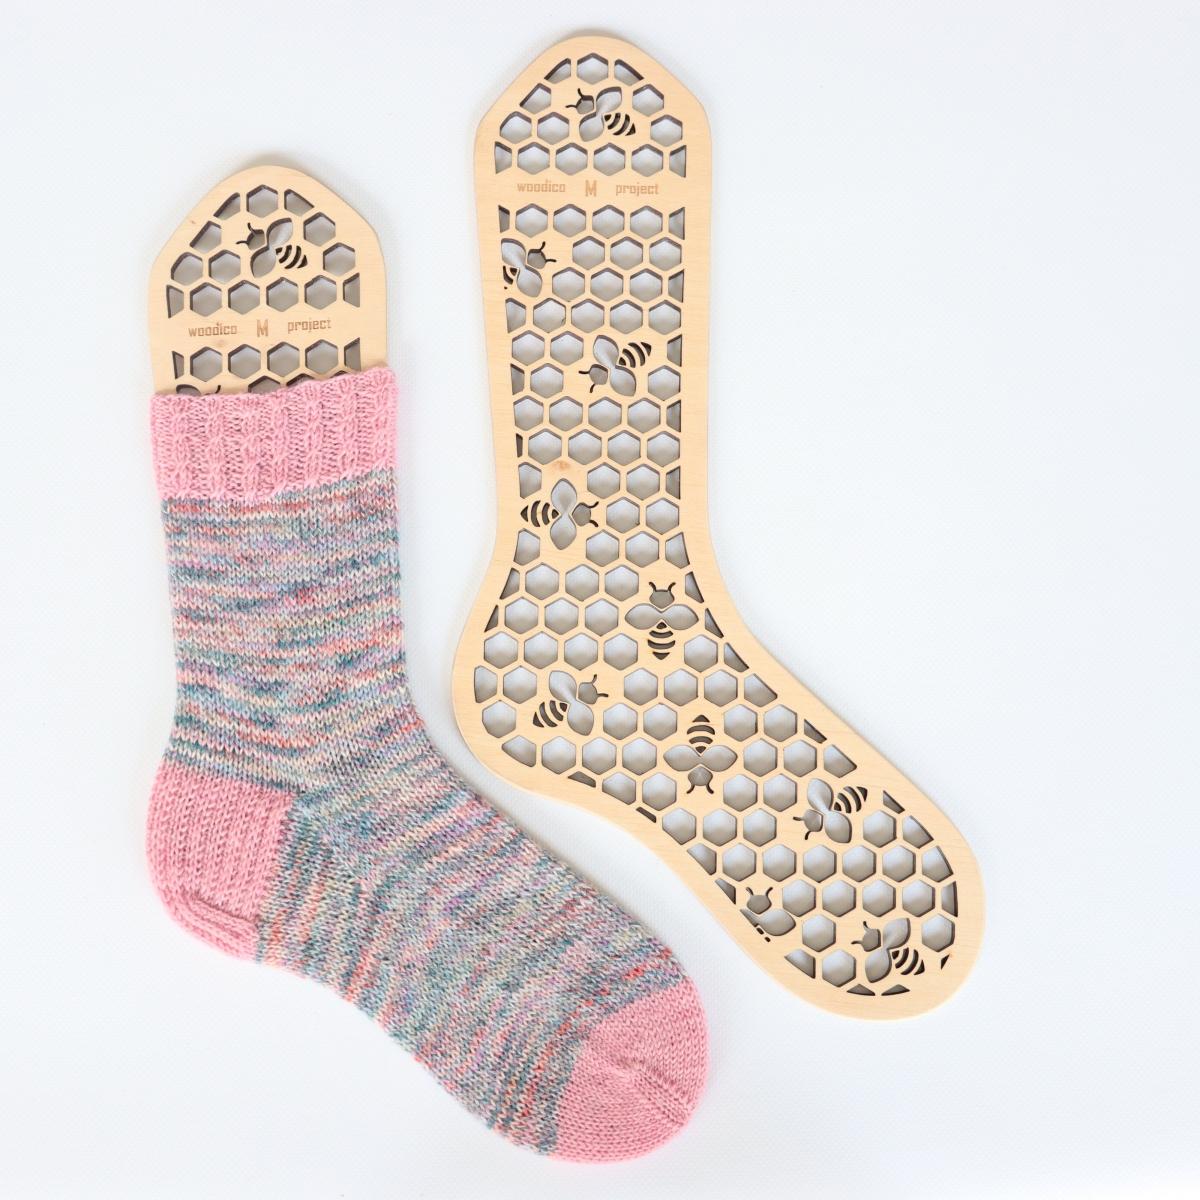 woodico.pro wooden sock blockers hooneycomb 1200x1200 - Wooden sock blockers / Honeycomb